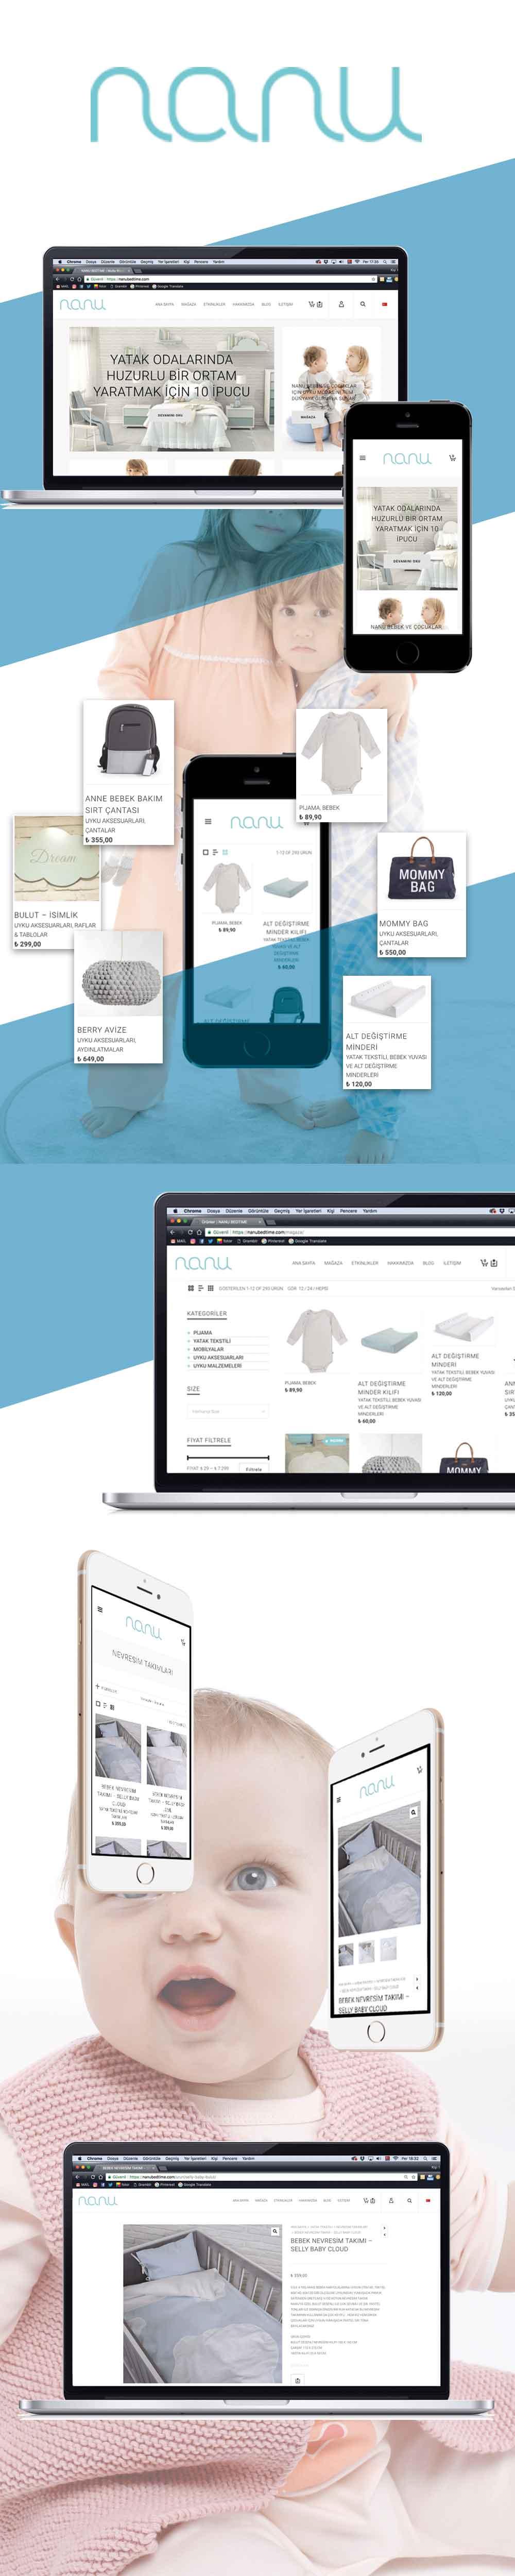 artcore-creative-nanu-bedtime-website-tasarimi